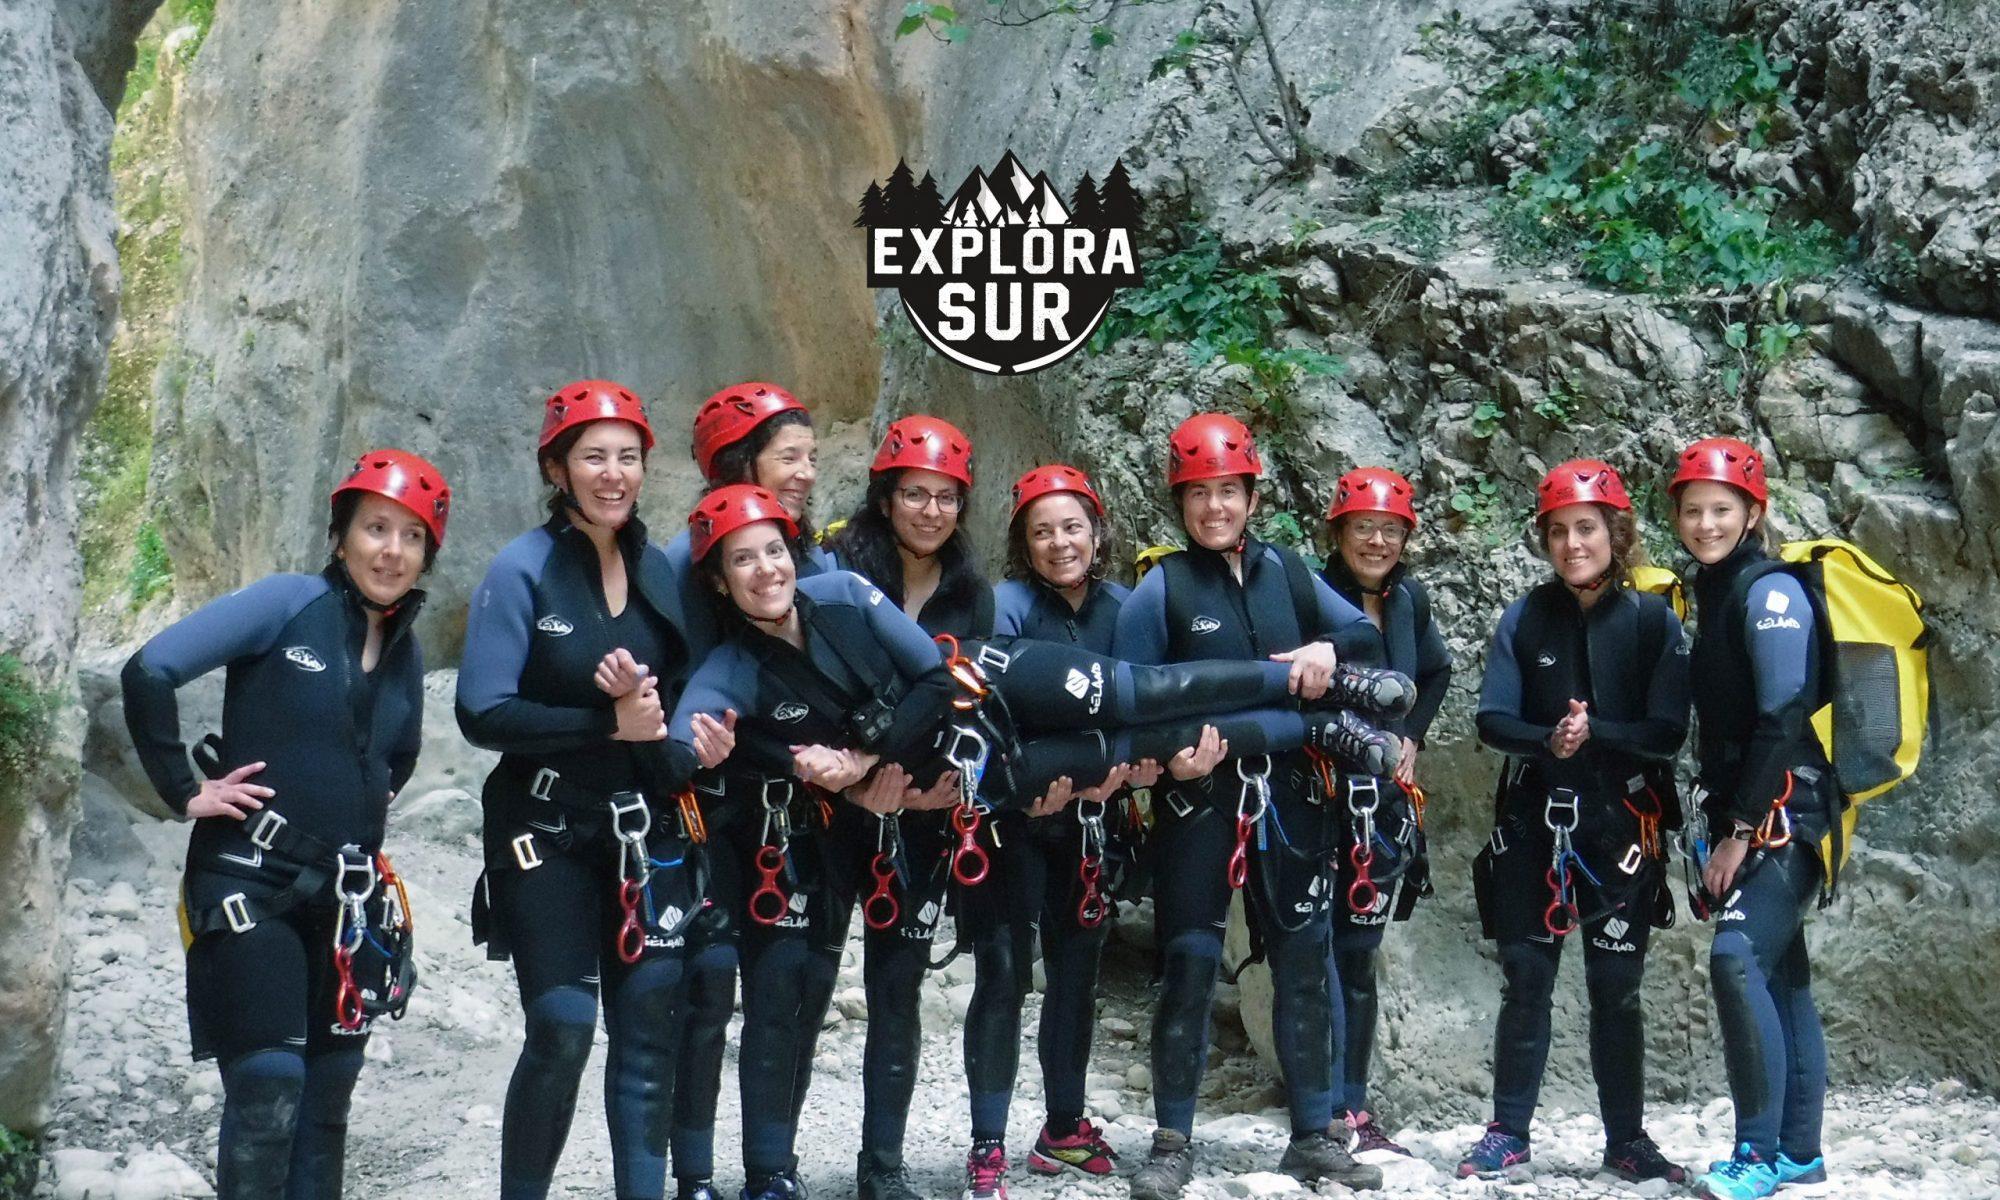 Explora Sur